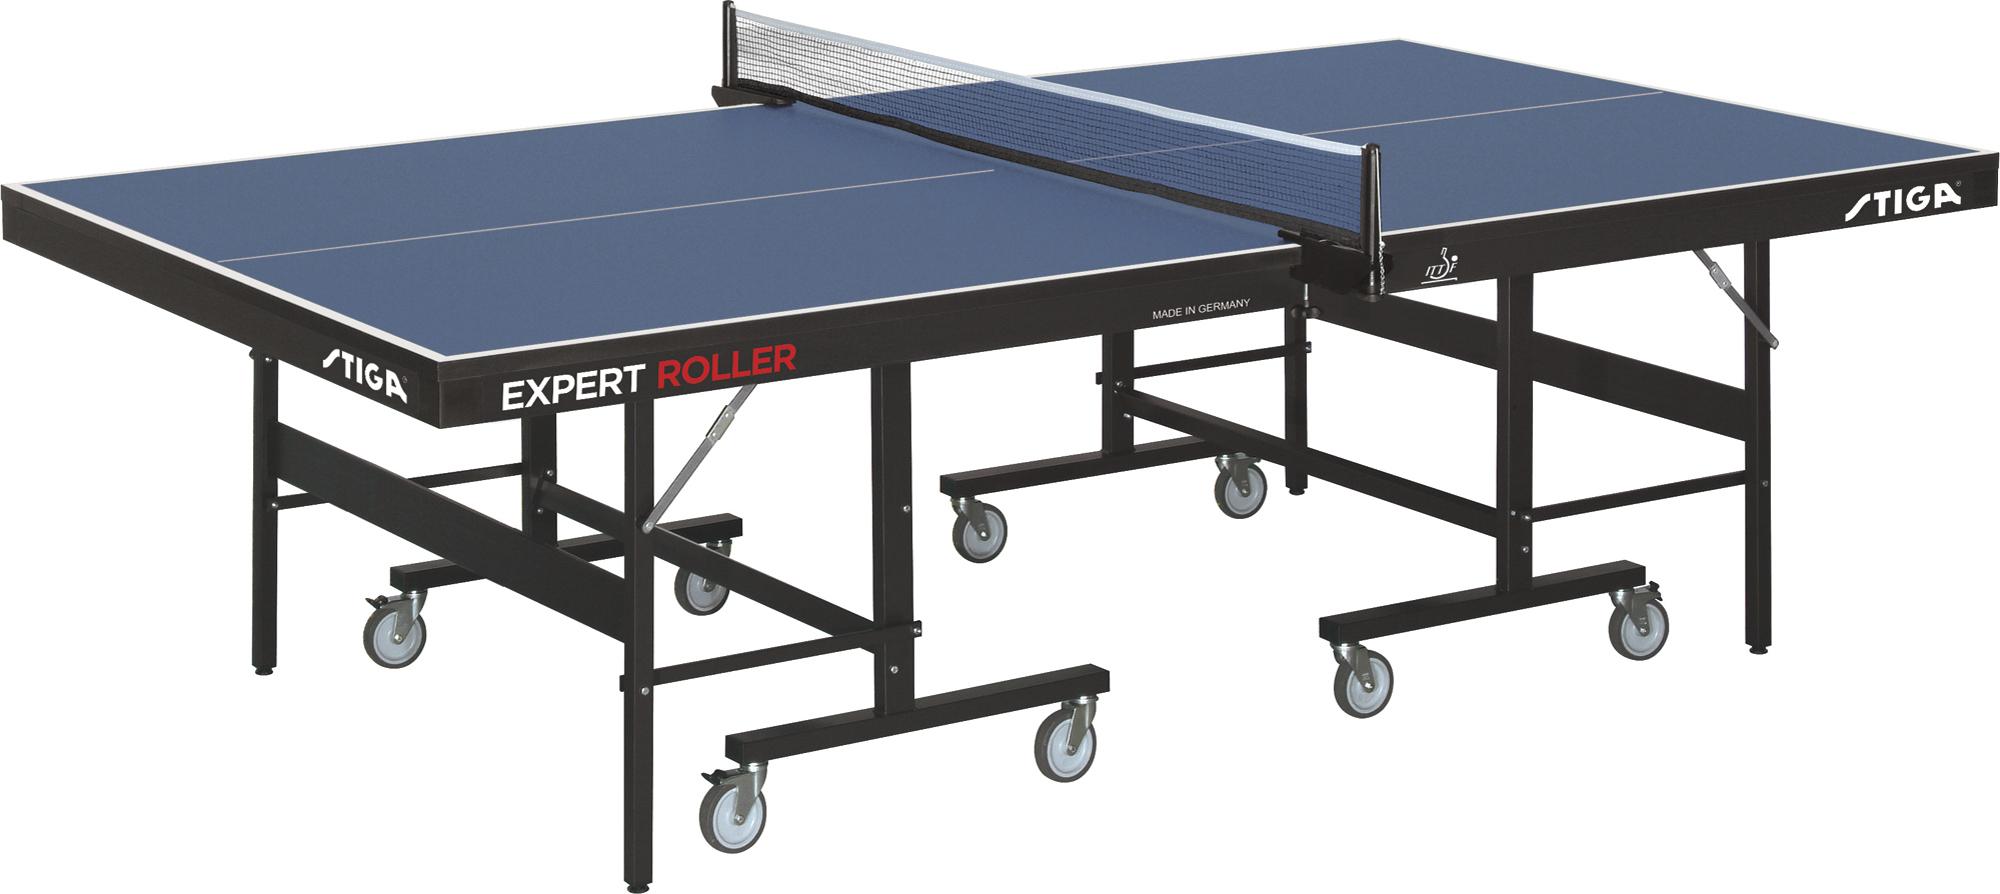 Stiga Теннисный стол для помещений Expert Roller CSS